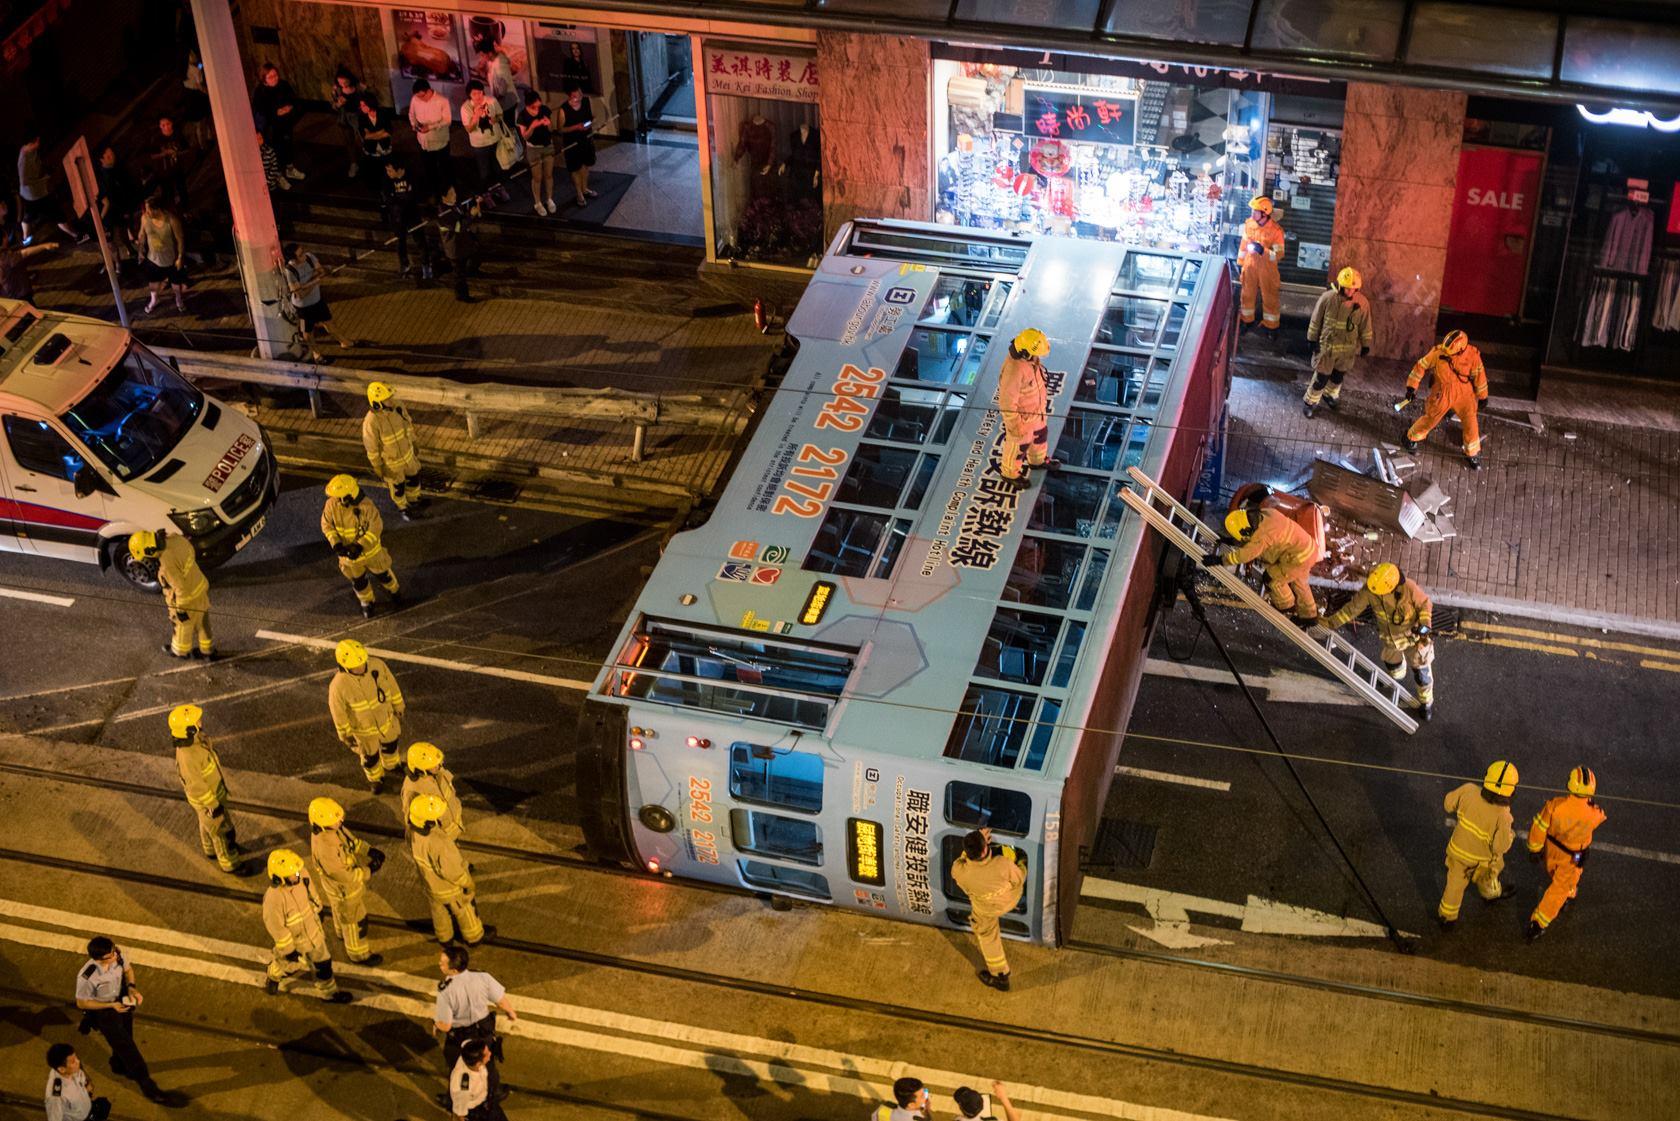 石塘咀電車翻側 幸未造成大災難